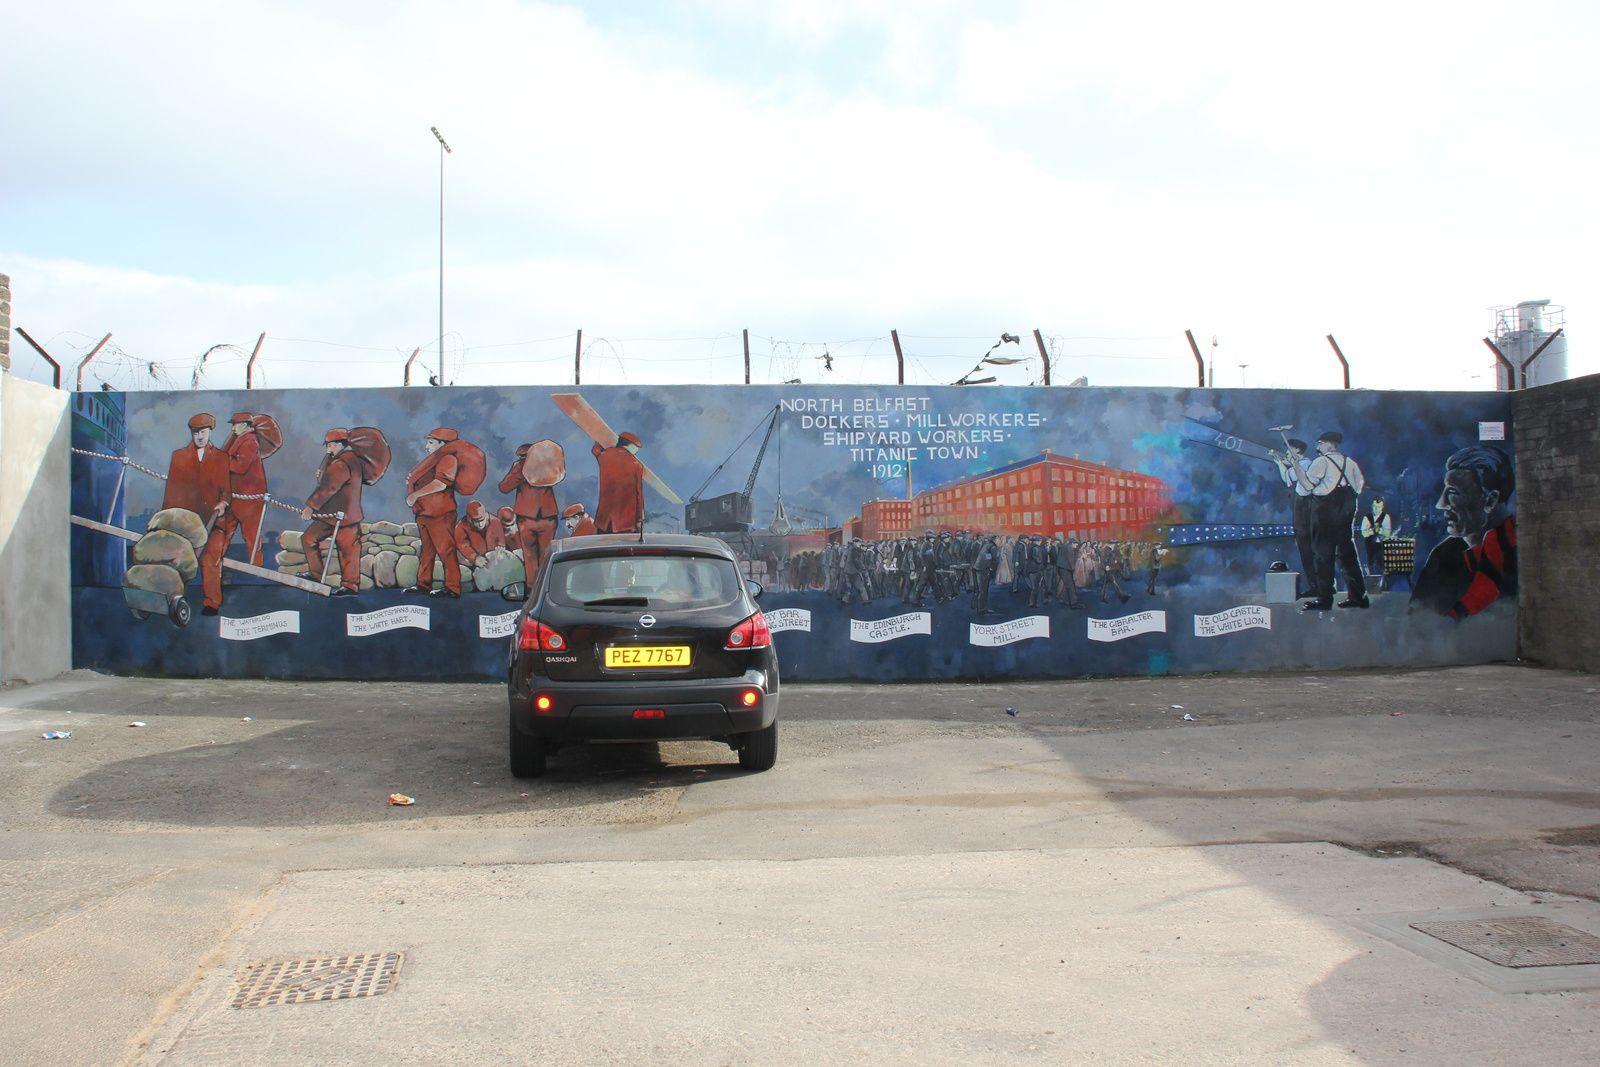 484) Glasgow Street, North Belfast